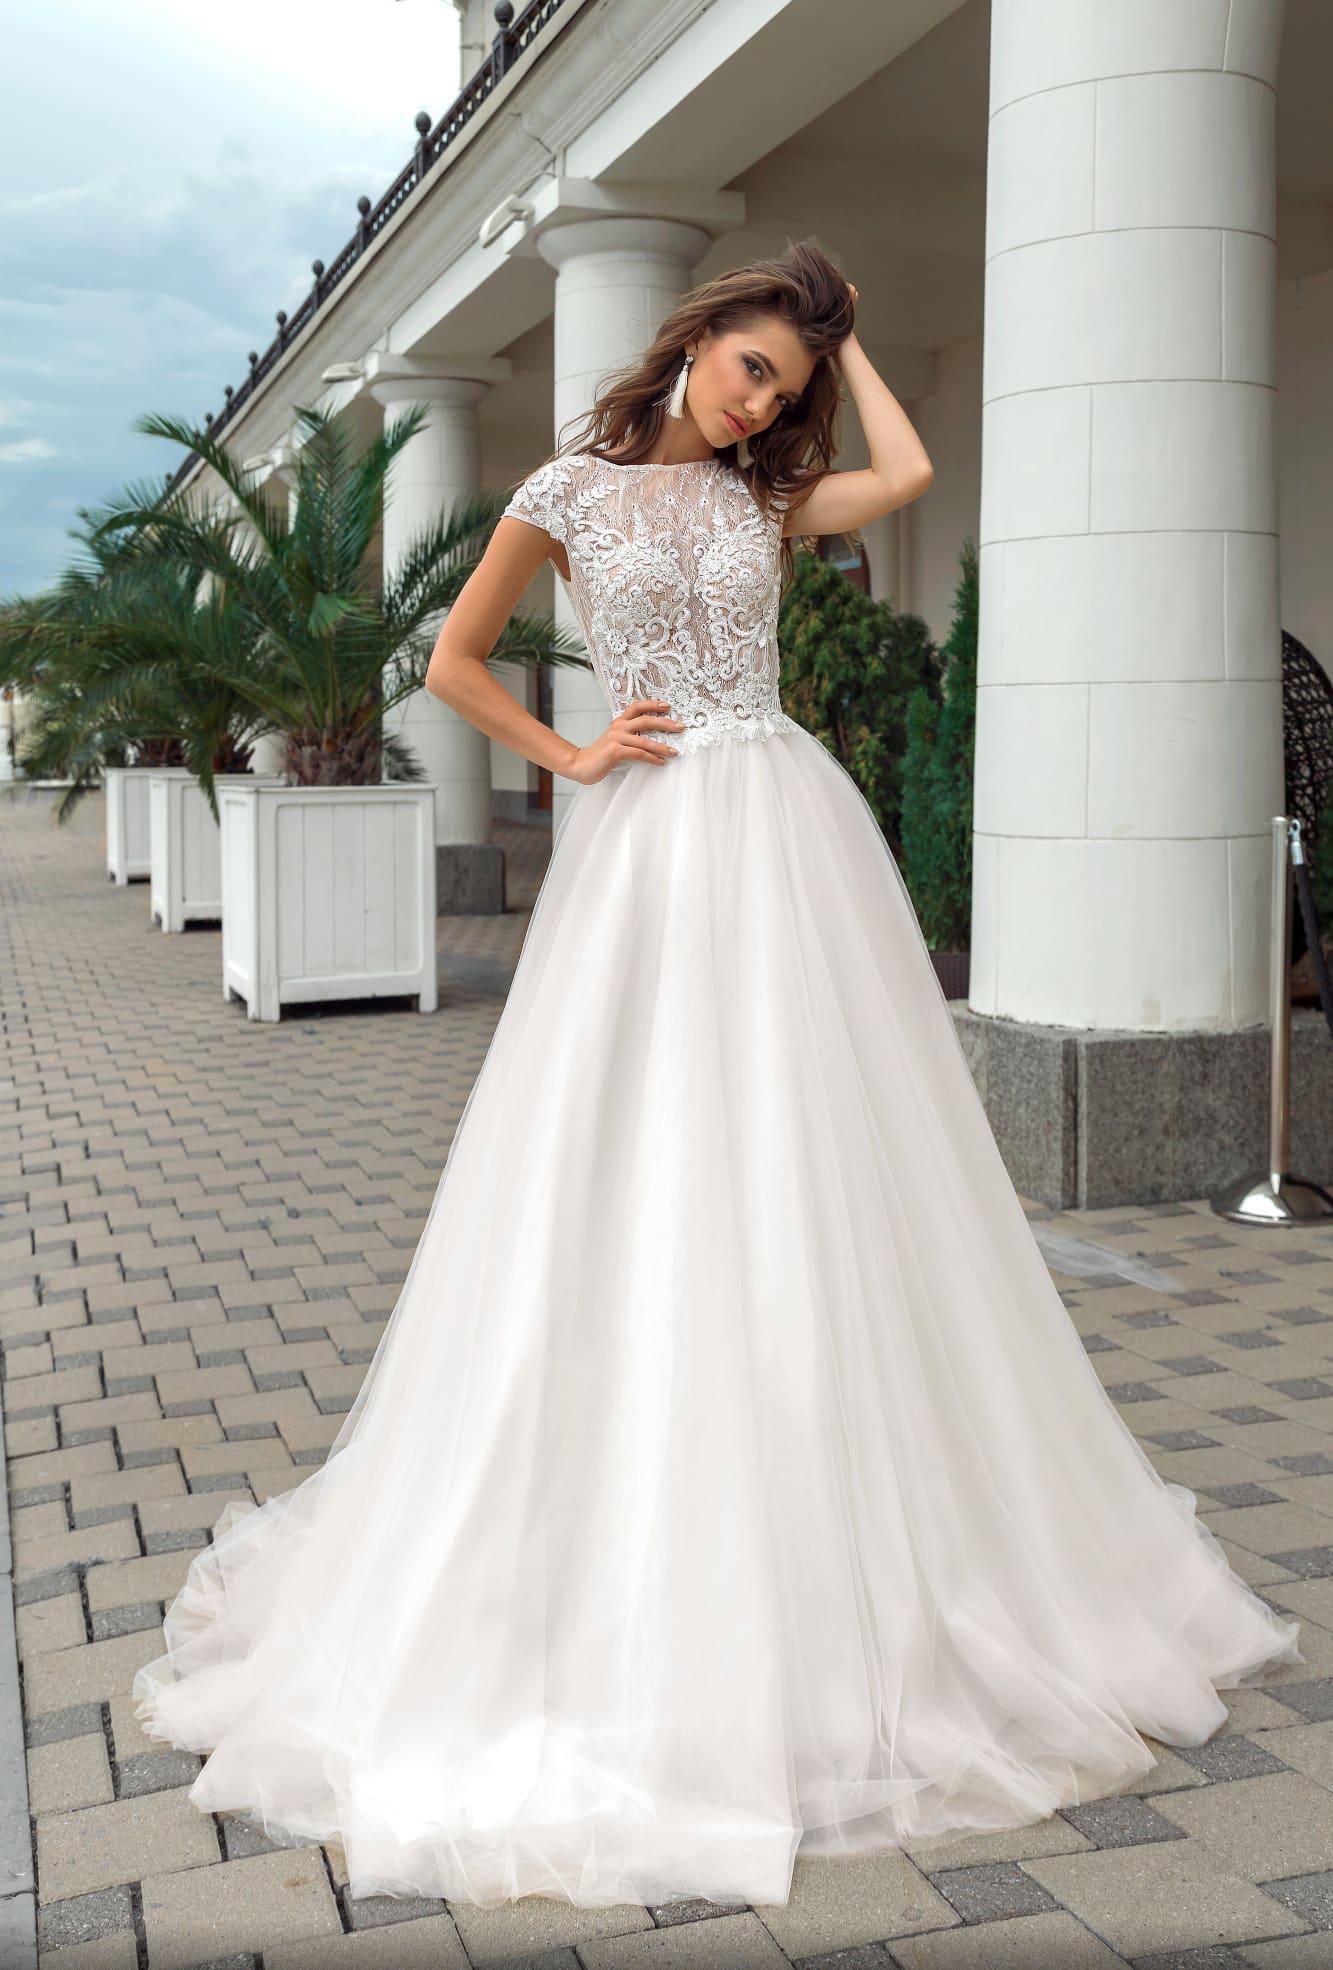 875128cf209 Романтичное свадебное платье с многослойным низом и полупрозрачным лифом.